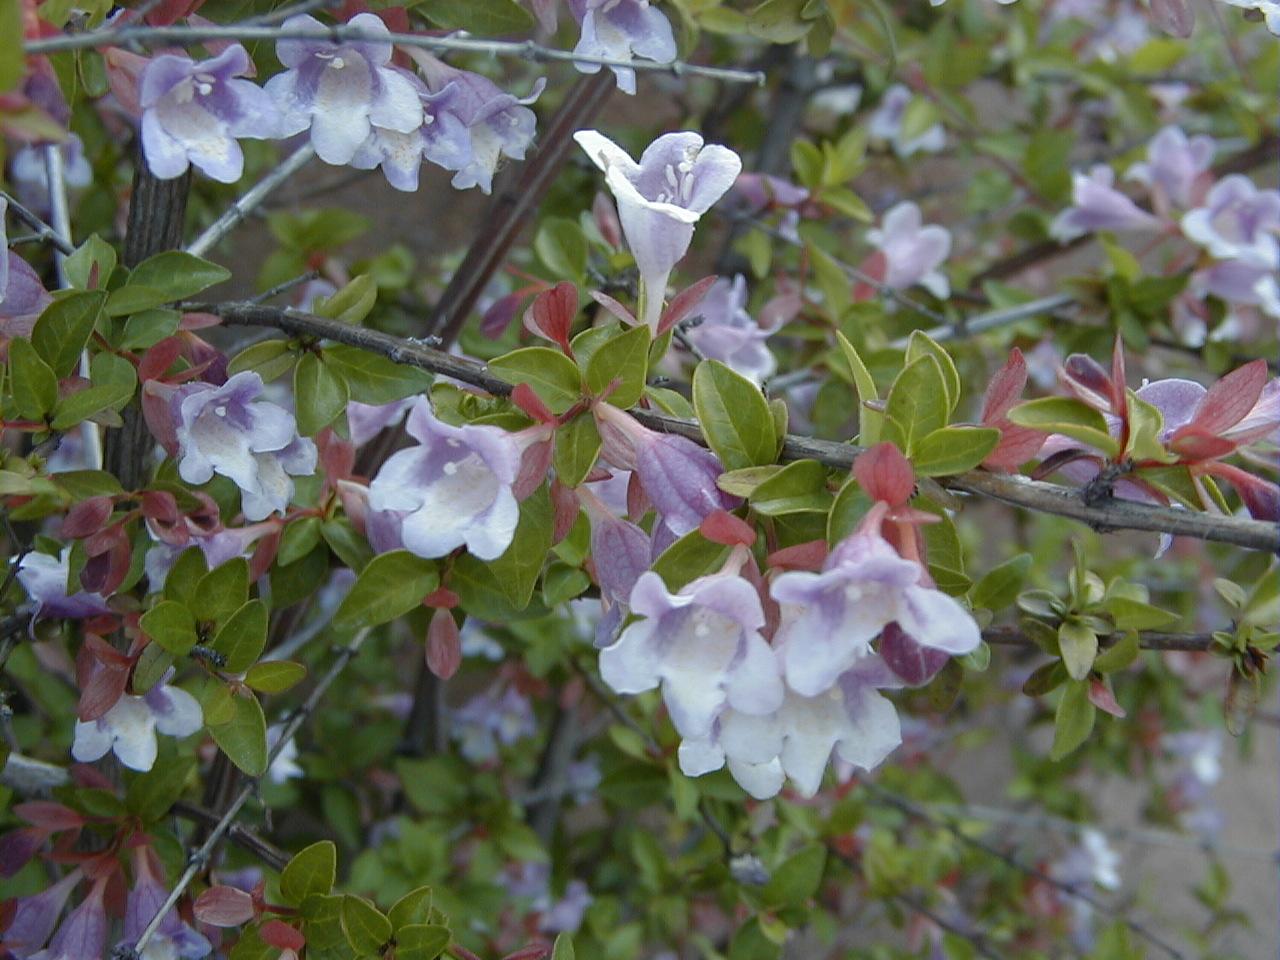 l'abélia, un arbuste fleuri et au feuillage décoratif   plantes d